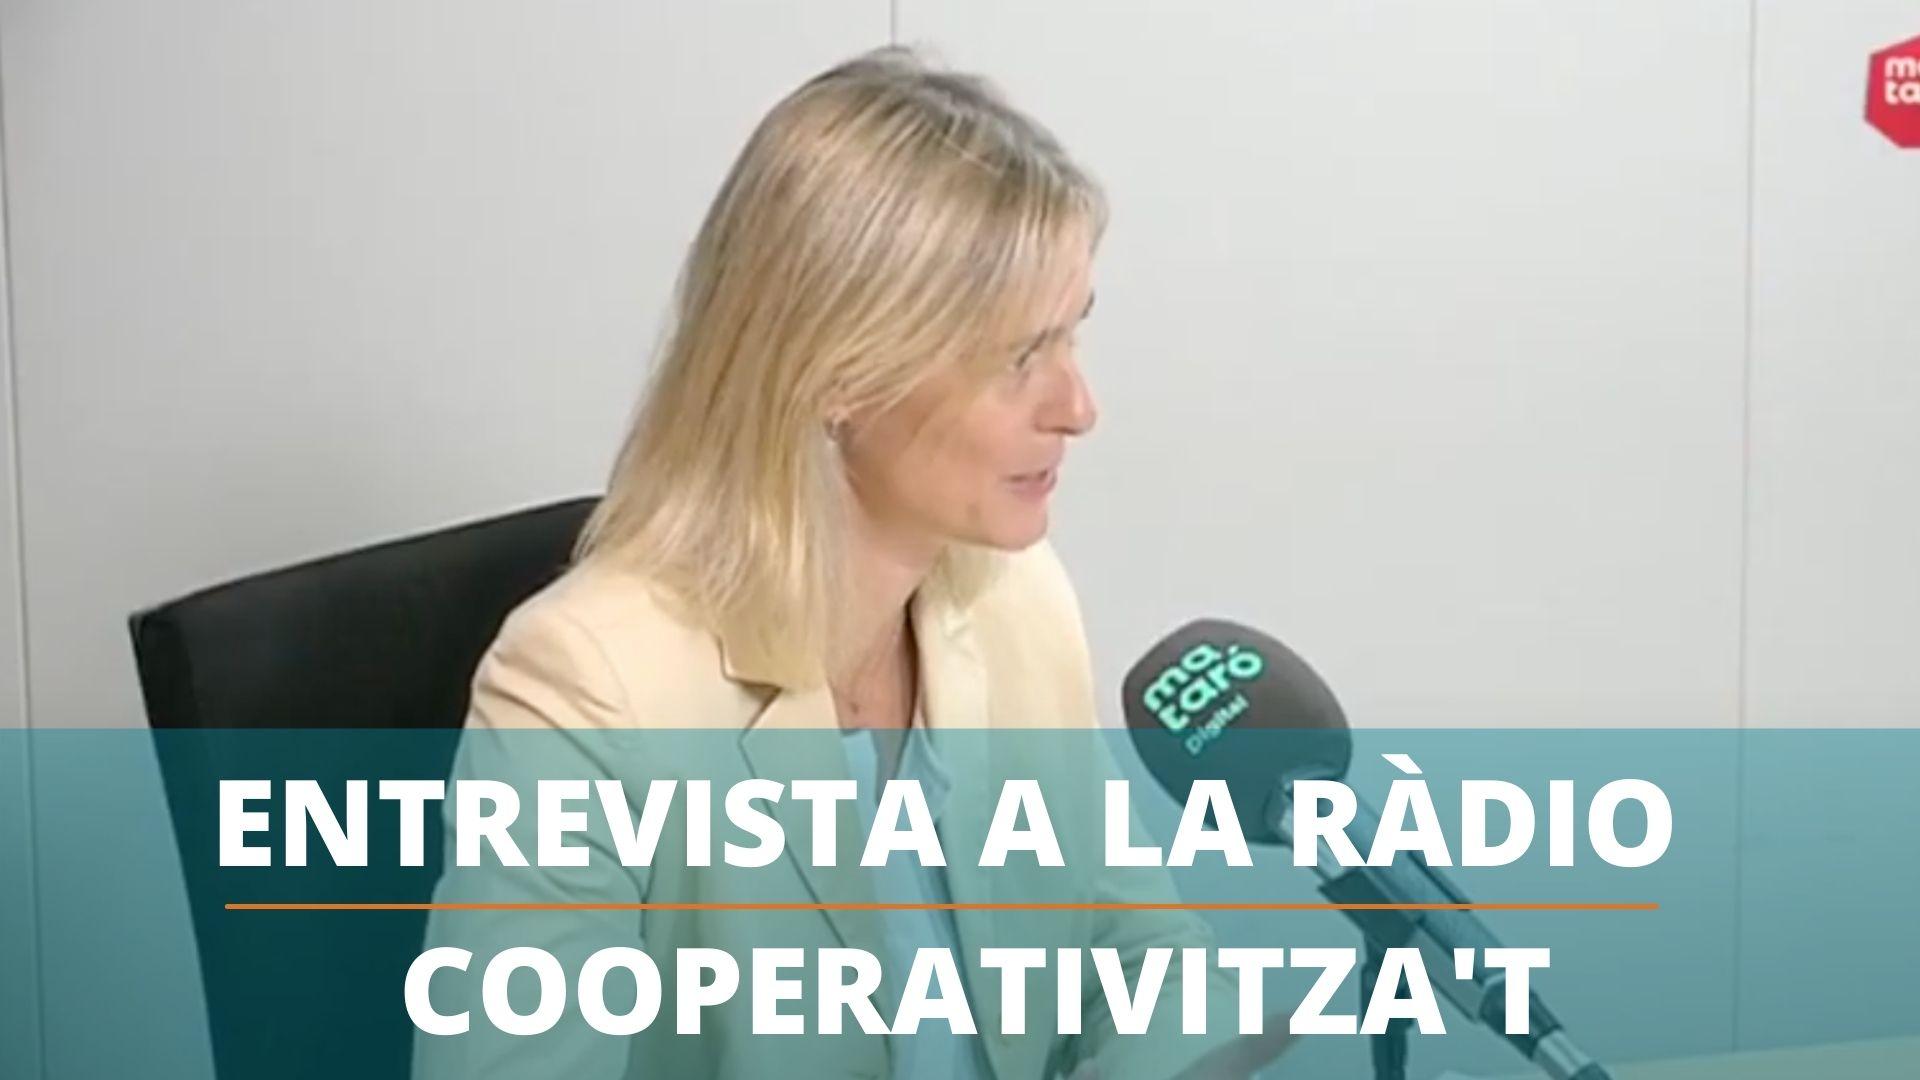 ENTREVISTA A LA RADIO 1.jpg